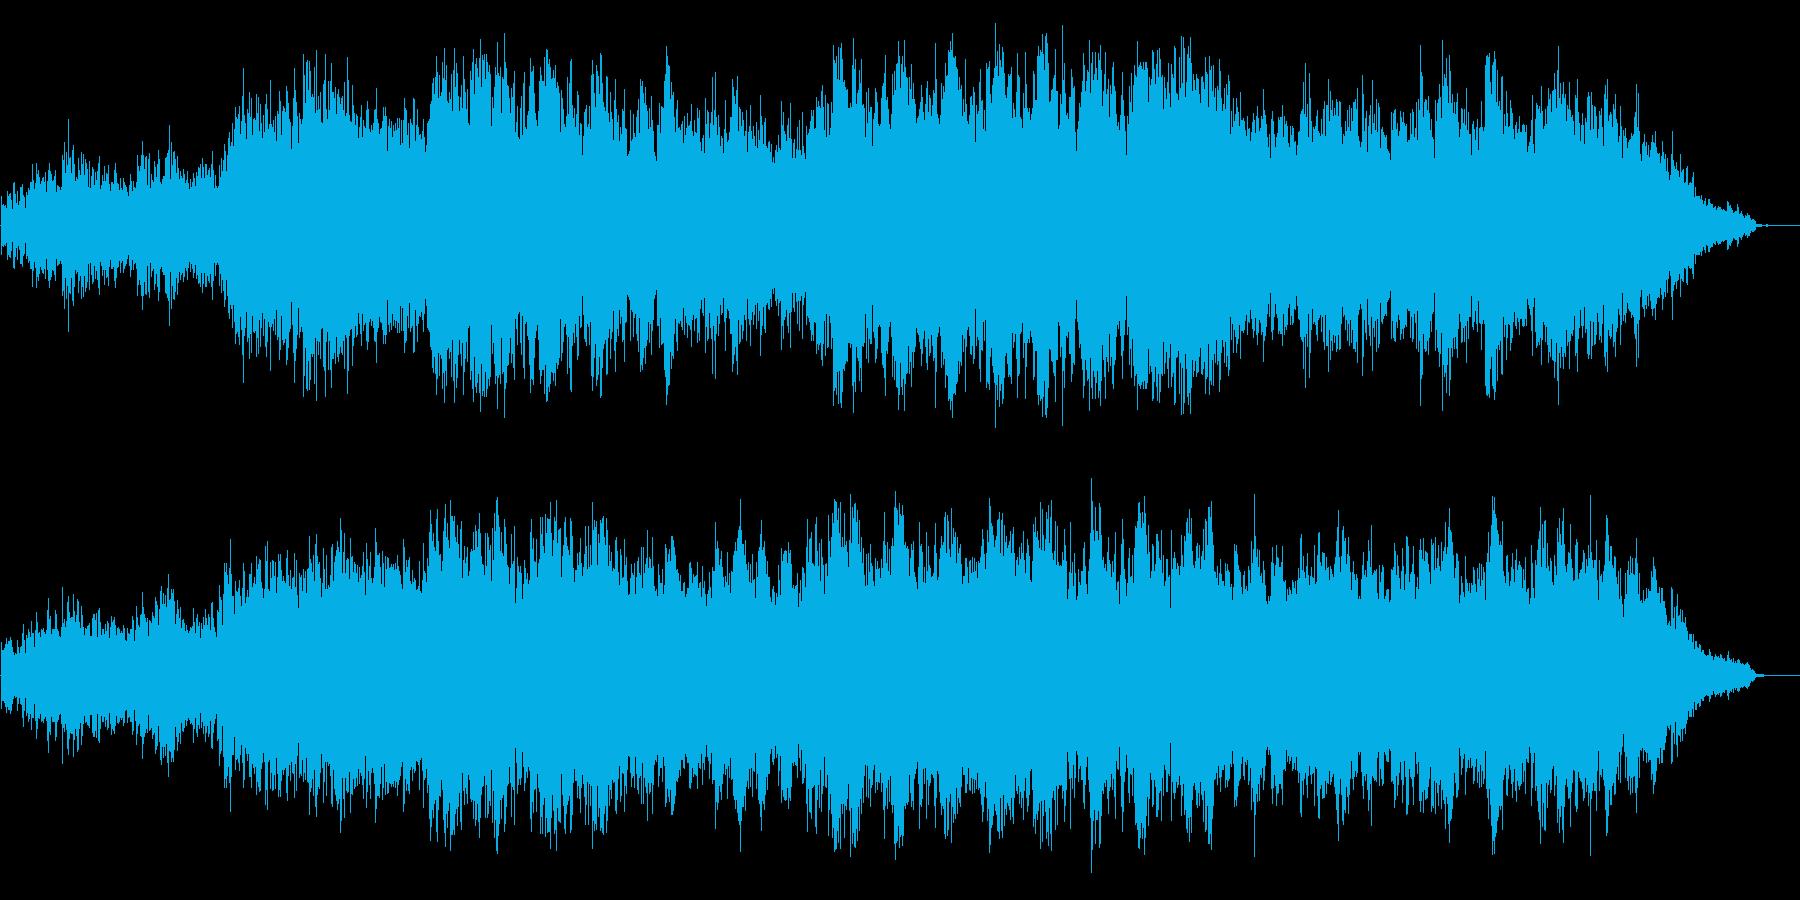 宇宙から見た地球のイメージサウンドの再生済みの波形